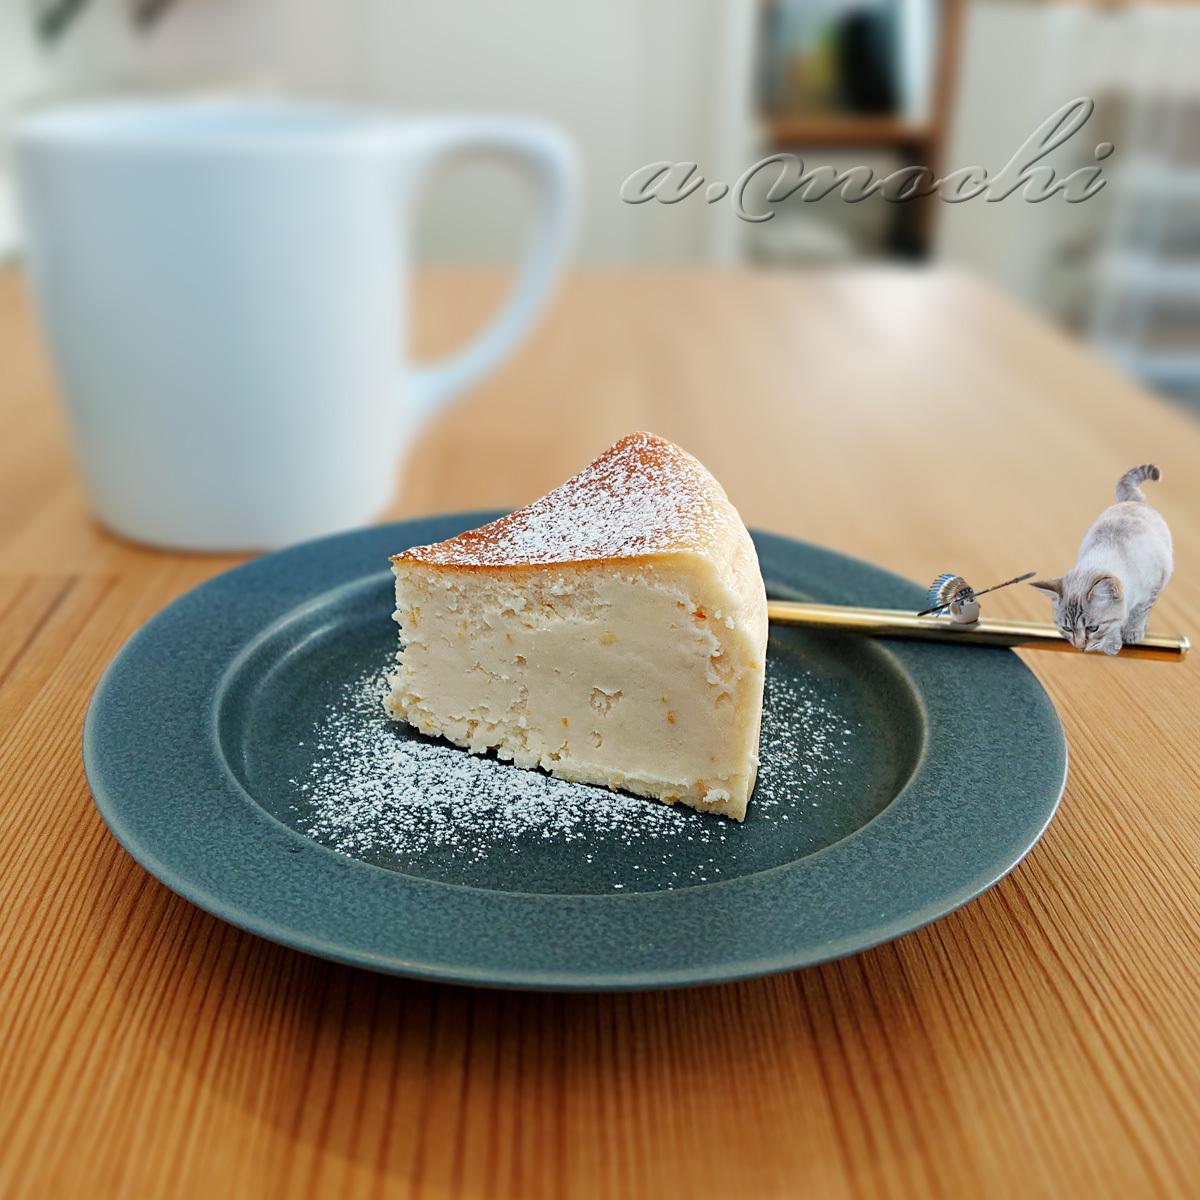 garagecoffee6_cheesecake.jpg